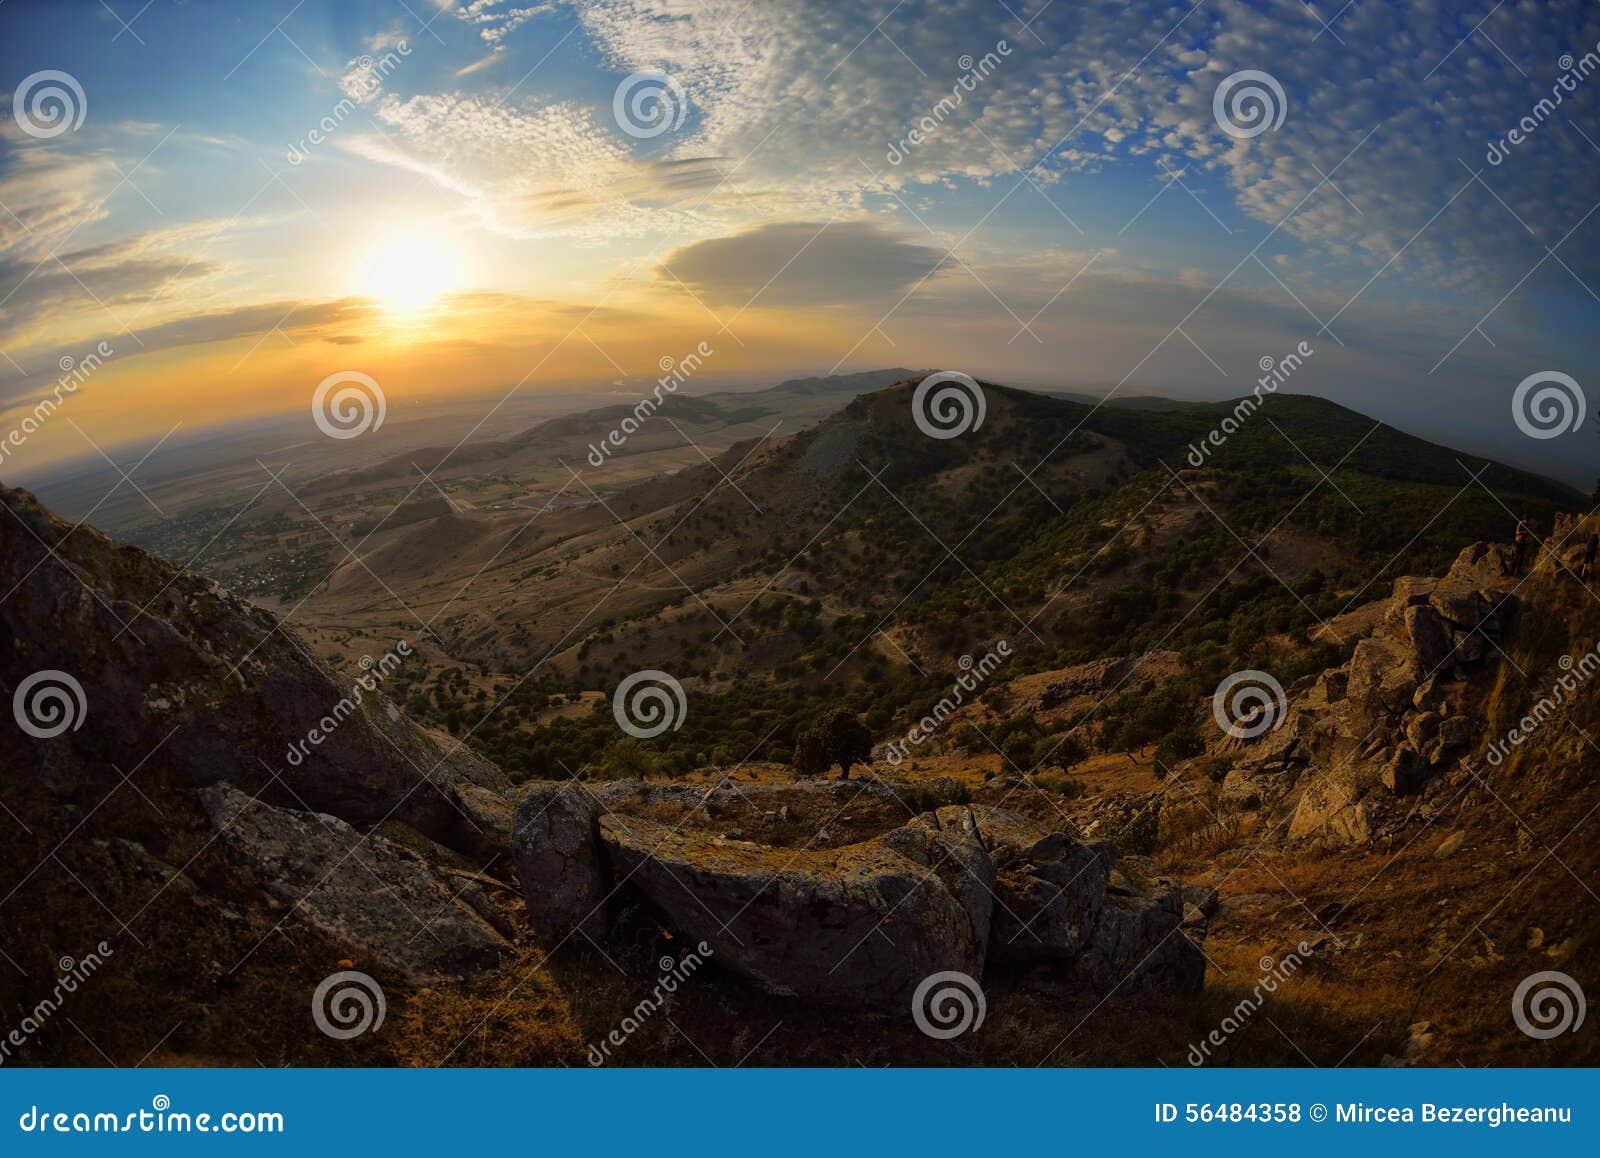 Paysage au coucher du soleil/au lever de soleil